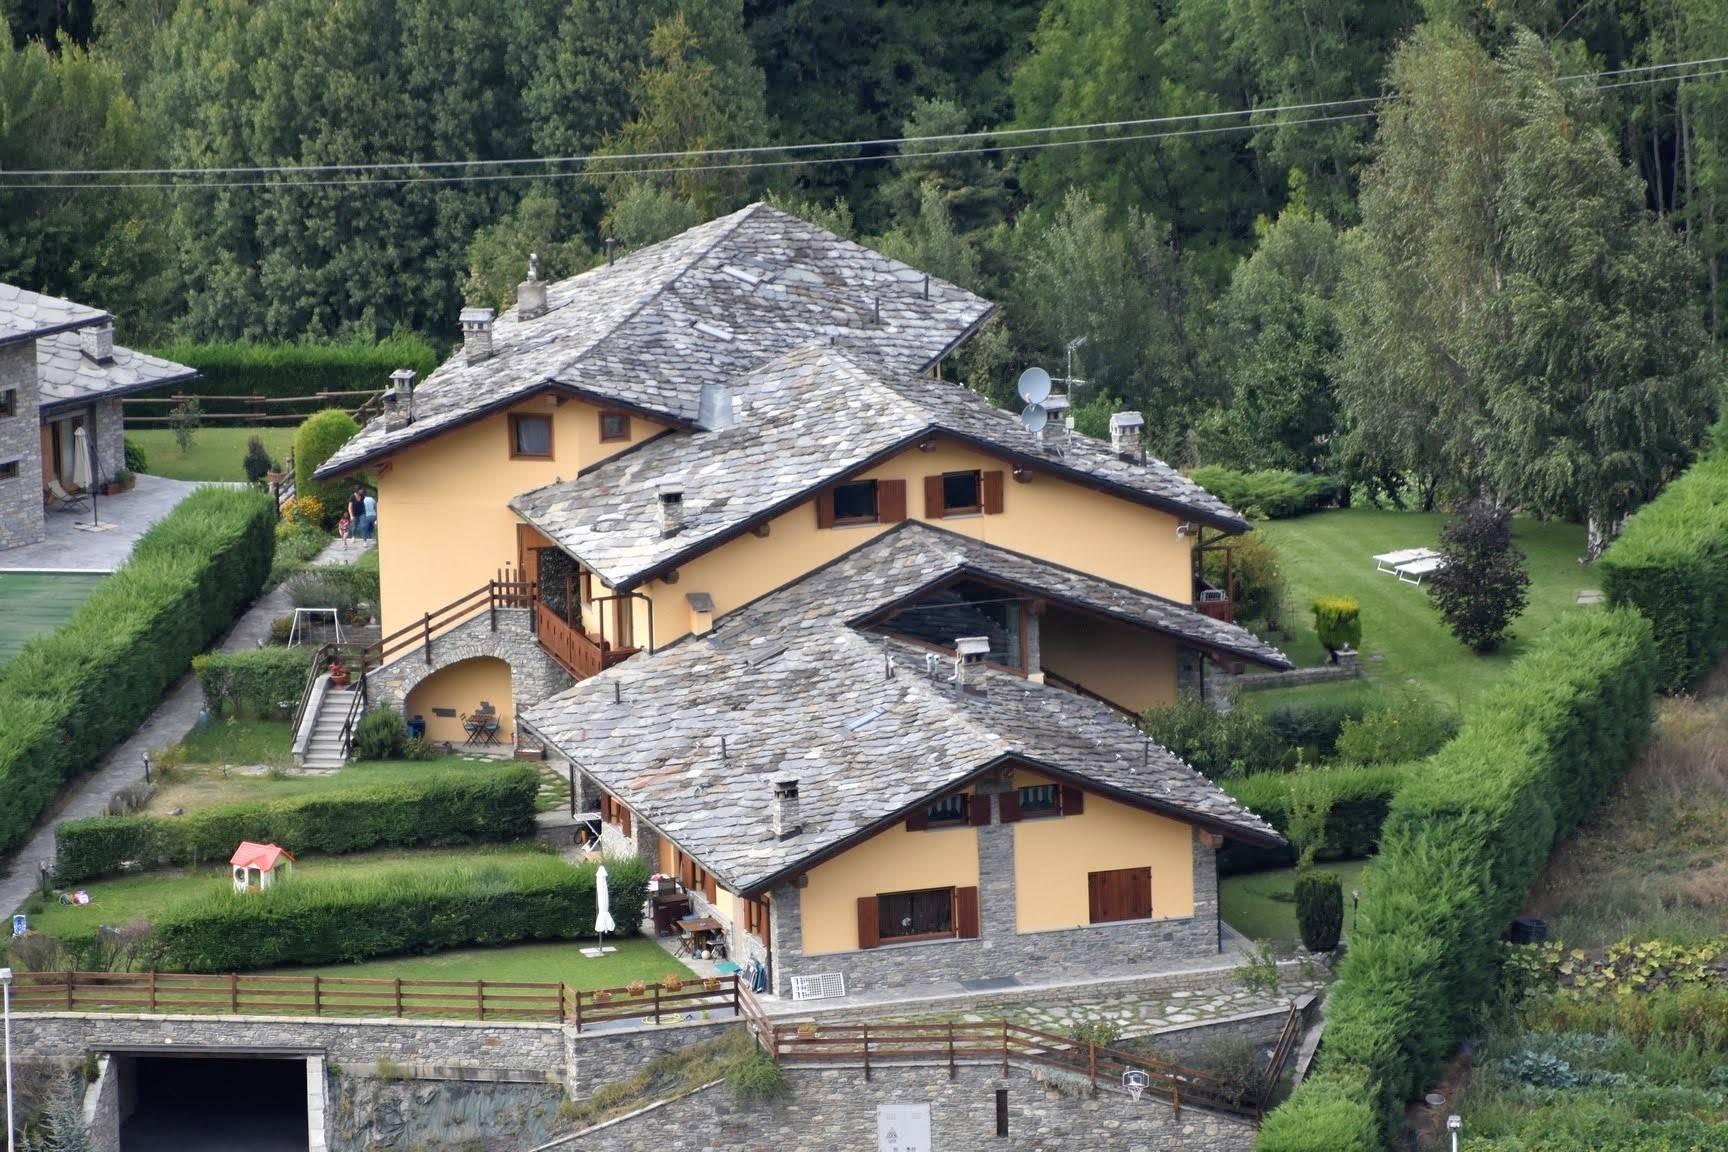 Soluzione Indipendente in vendita a Villeneuve, 7 locali, prezzo € 380.000 | PortaleAgenzieImmobiliari.it